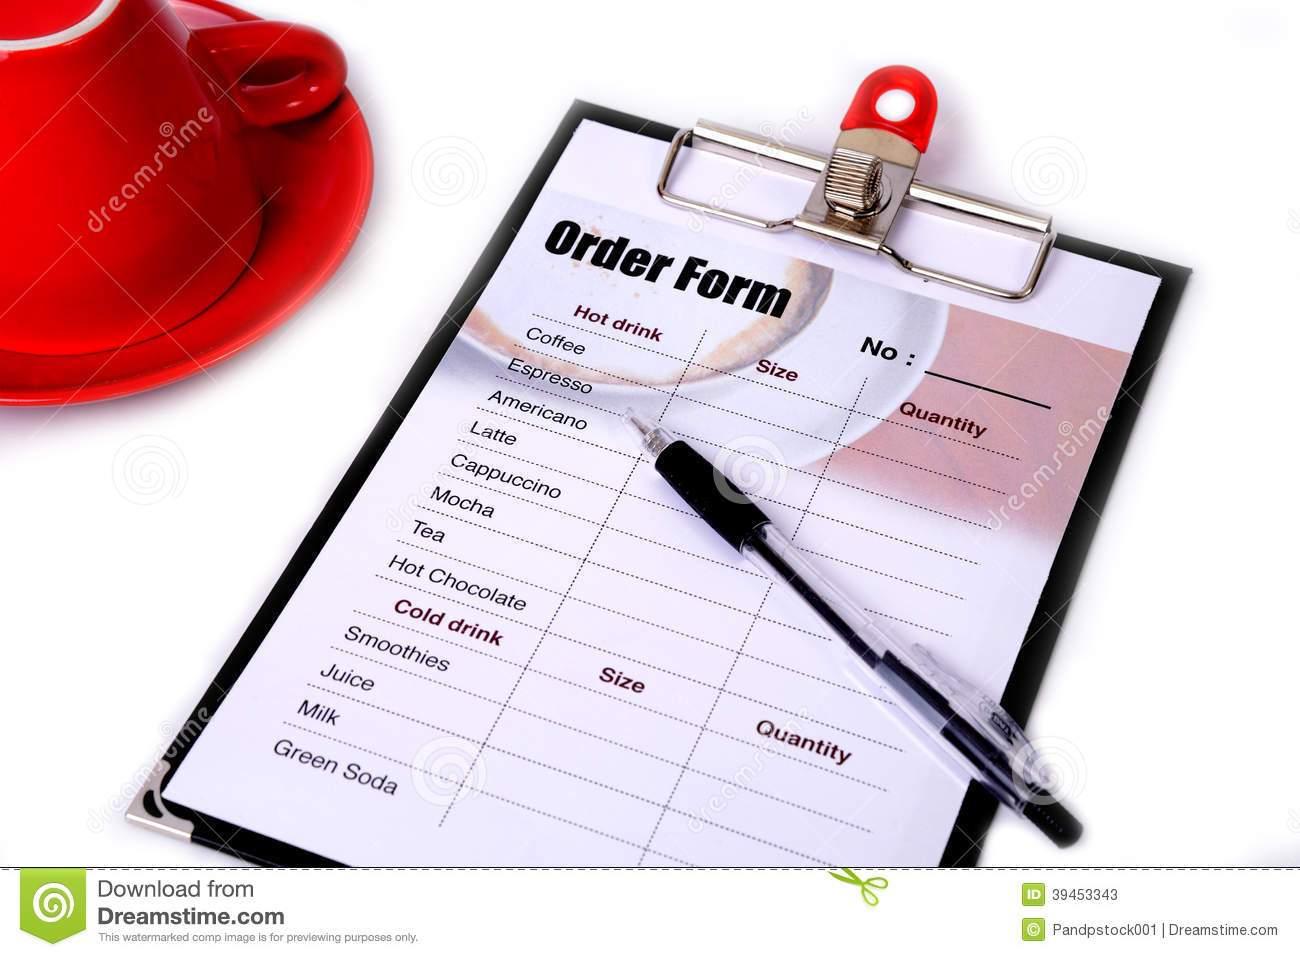 Order form clipart 5 » Clipart Portal.